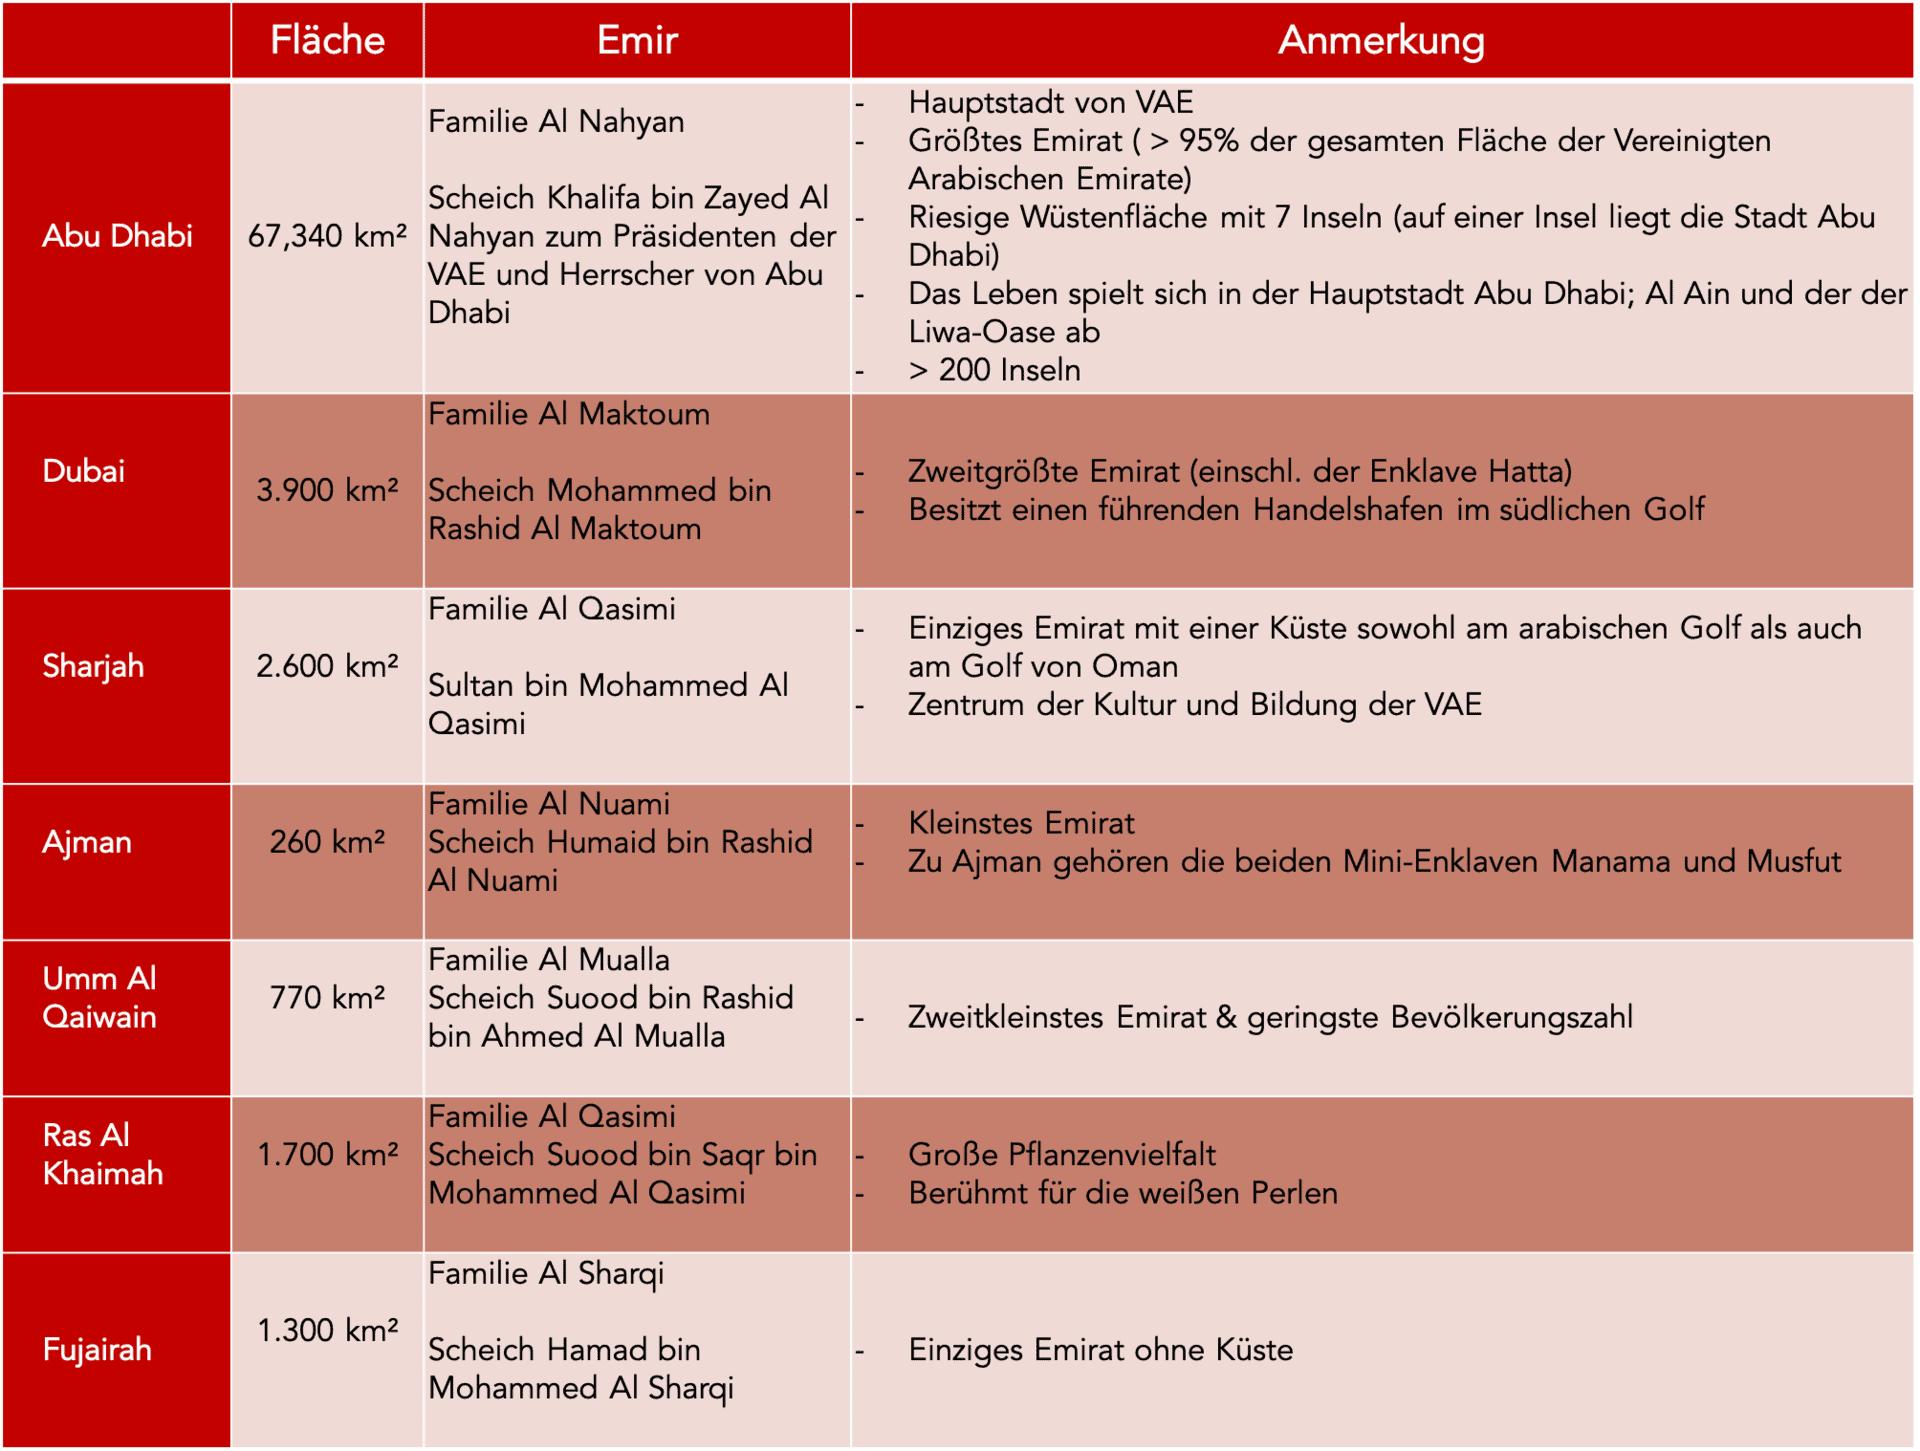 Übersicht über die 7 Emirate der VAE